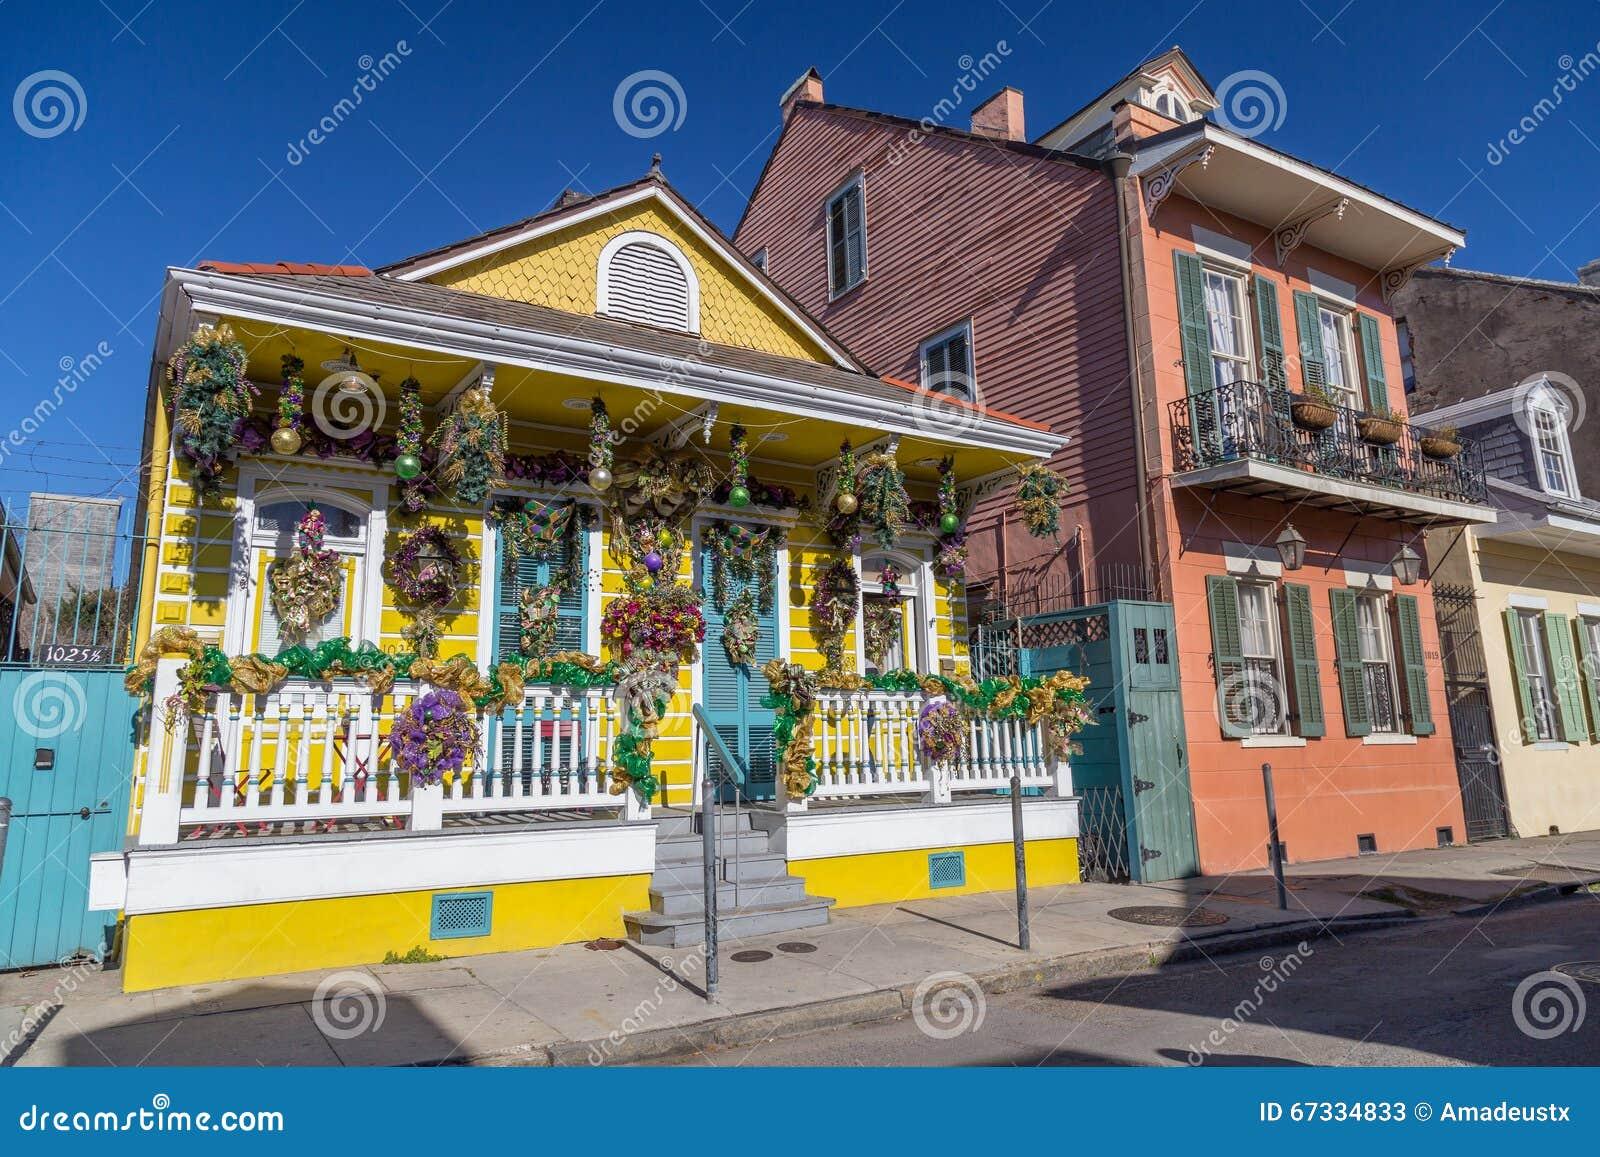 Casas coloniais velhas nas ruas do bairro francês decoradas para Mardi Gras em Nova Orleães, Louisiana